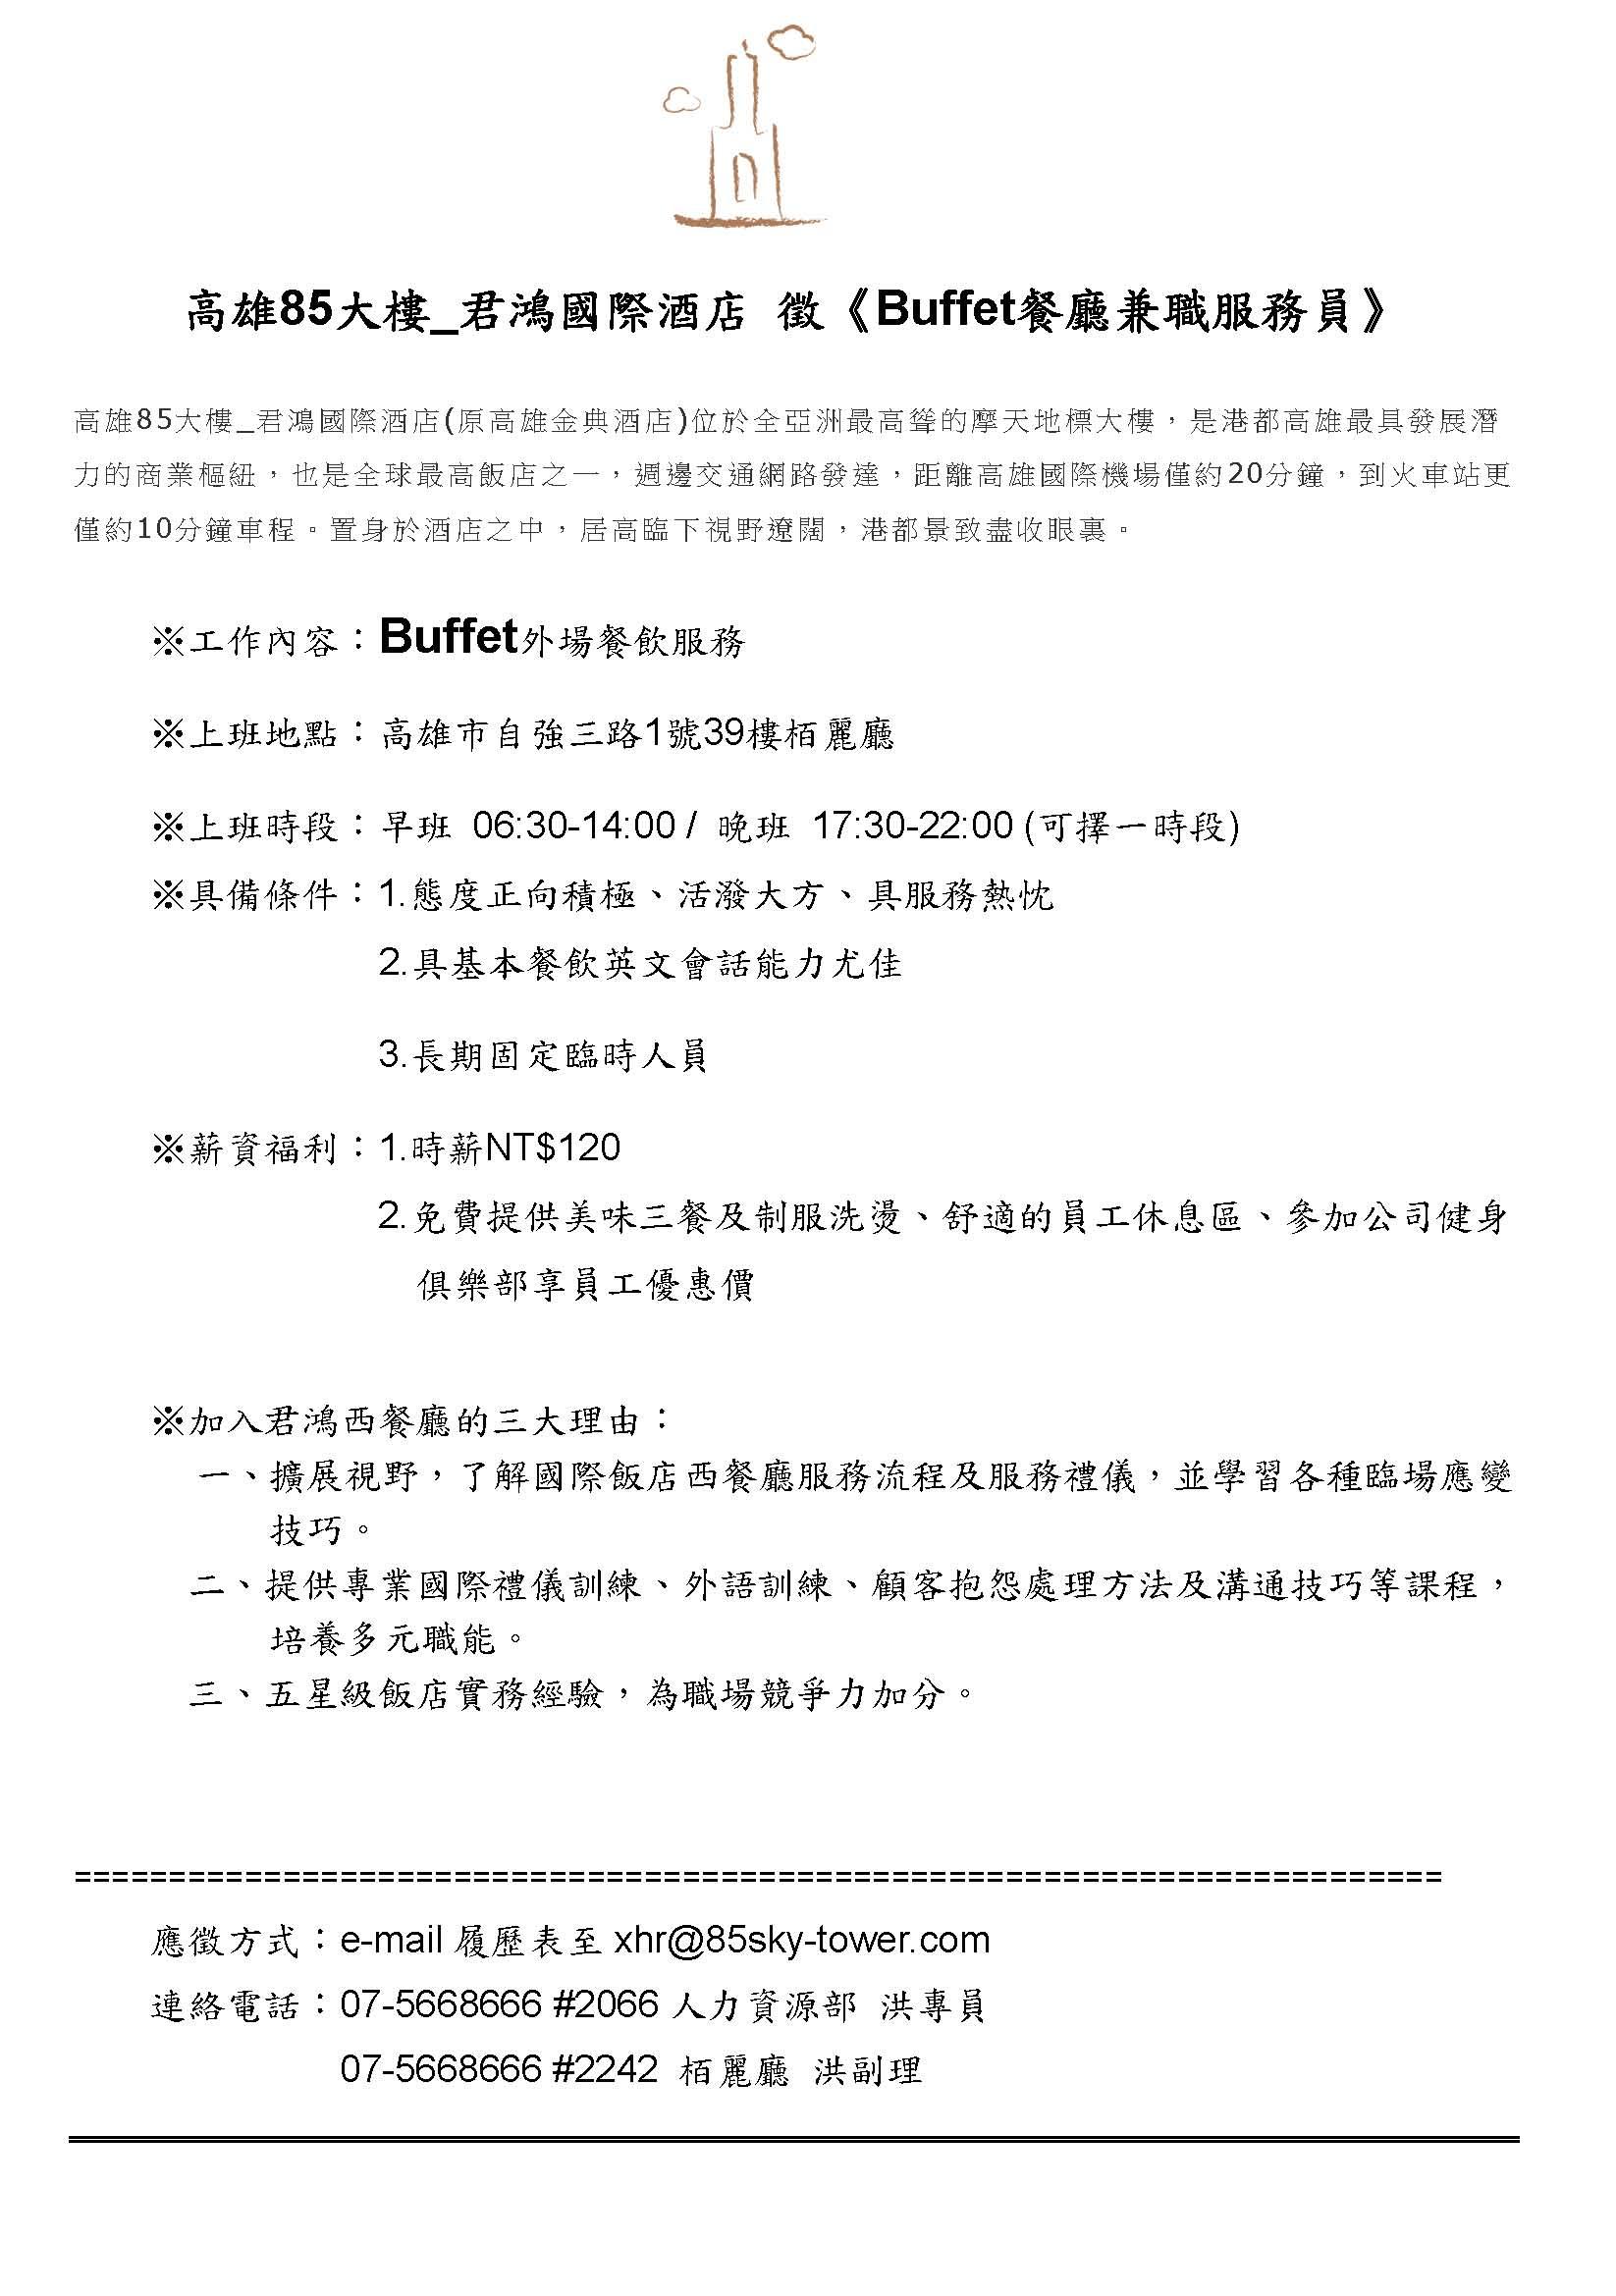 85大樓_君鴻國際酒店徵才_栢麗廳工讀生201603_頁面_1